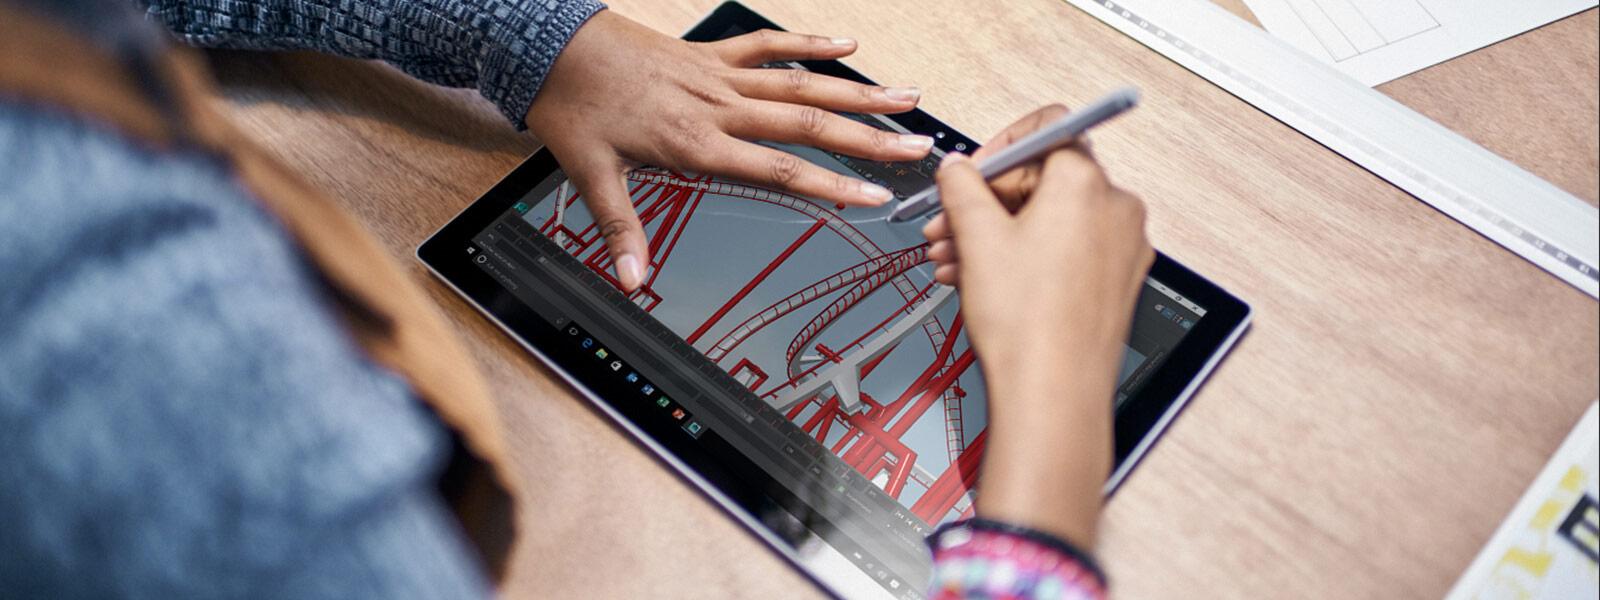 Kvinne tegner på en Surface-skjerm med Surface-pennen.